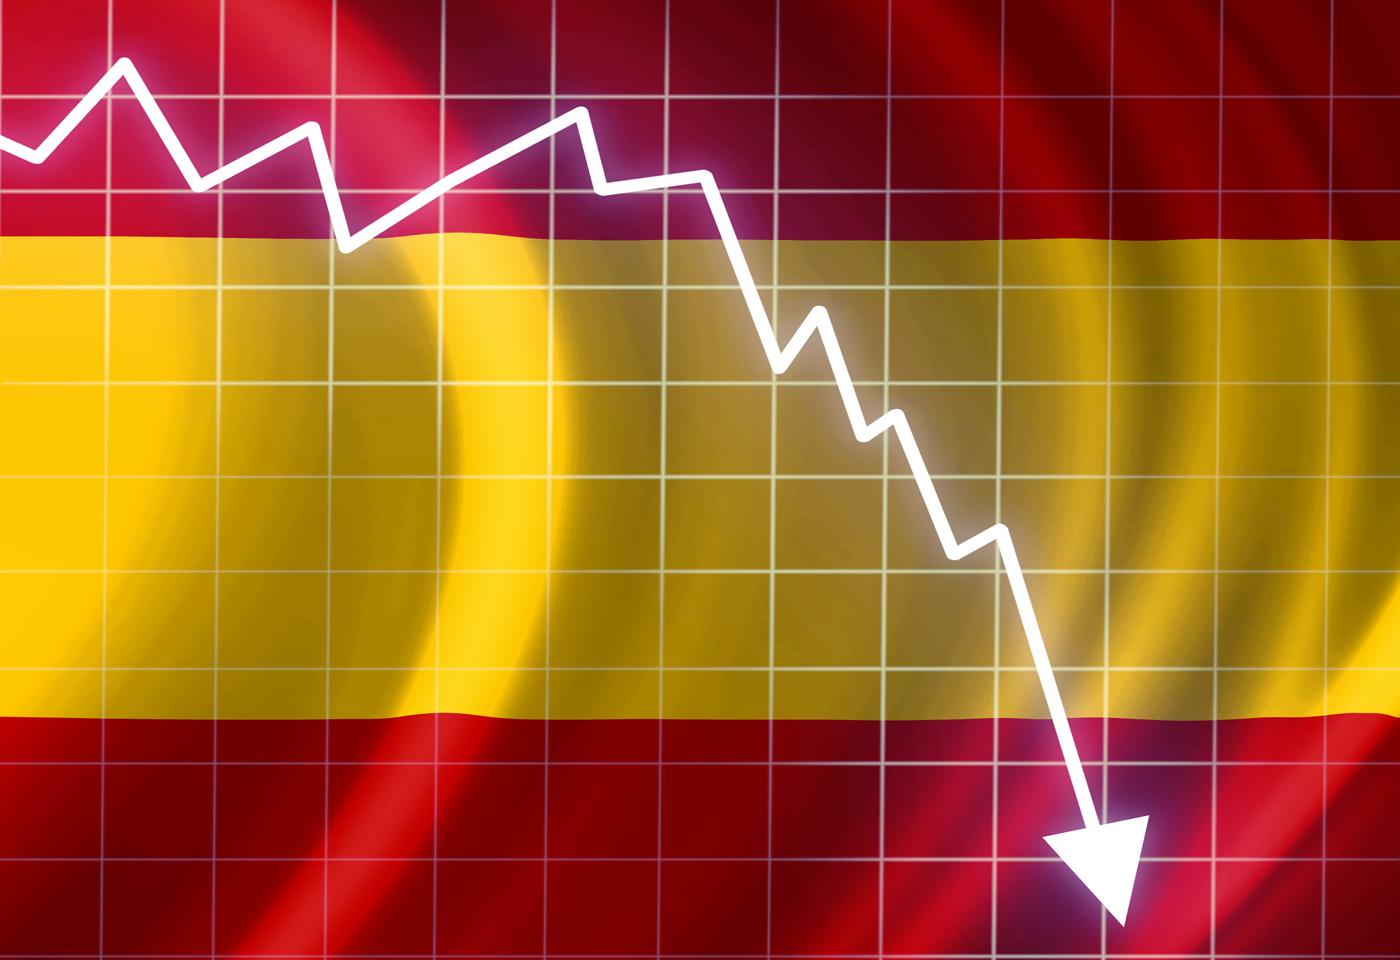 Los economistas Jaime Caneiro y Alejandro Lordén analizan el escenario económico para los próximos meses